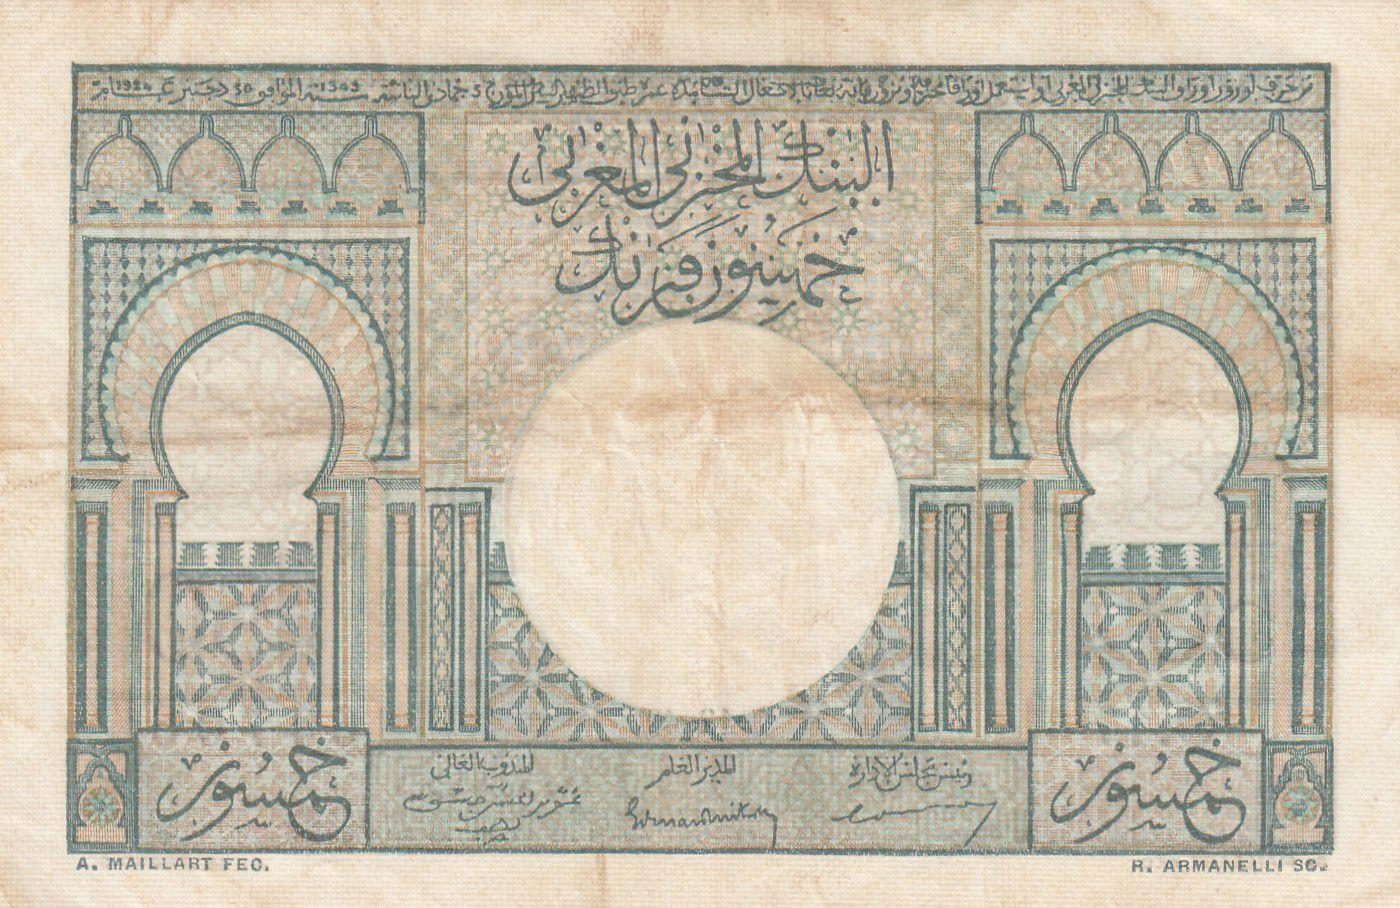 Maroc 50 Francs Porte, décor oriental - 02-12-1949 - TTB - Série Q.17 - P.44